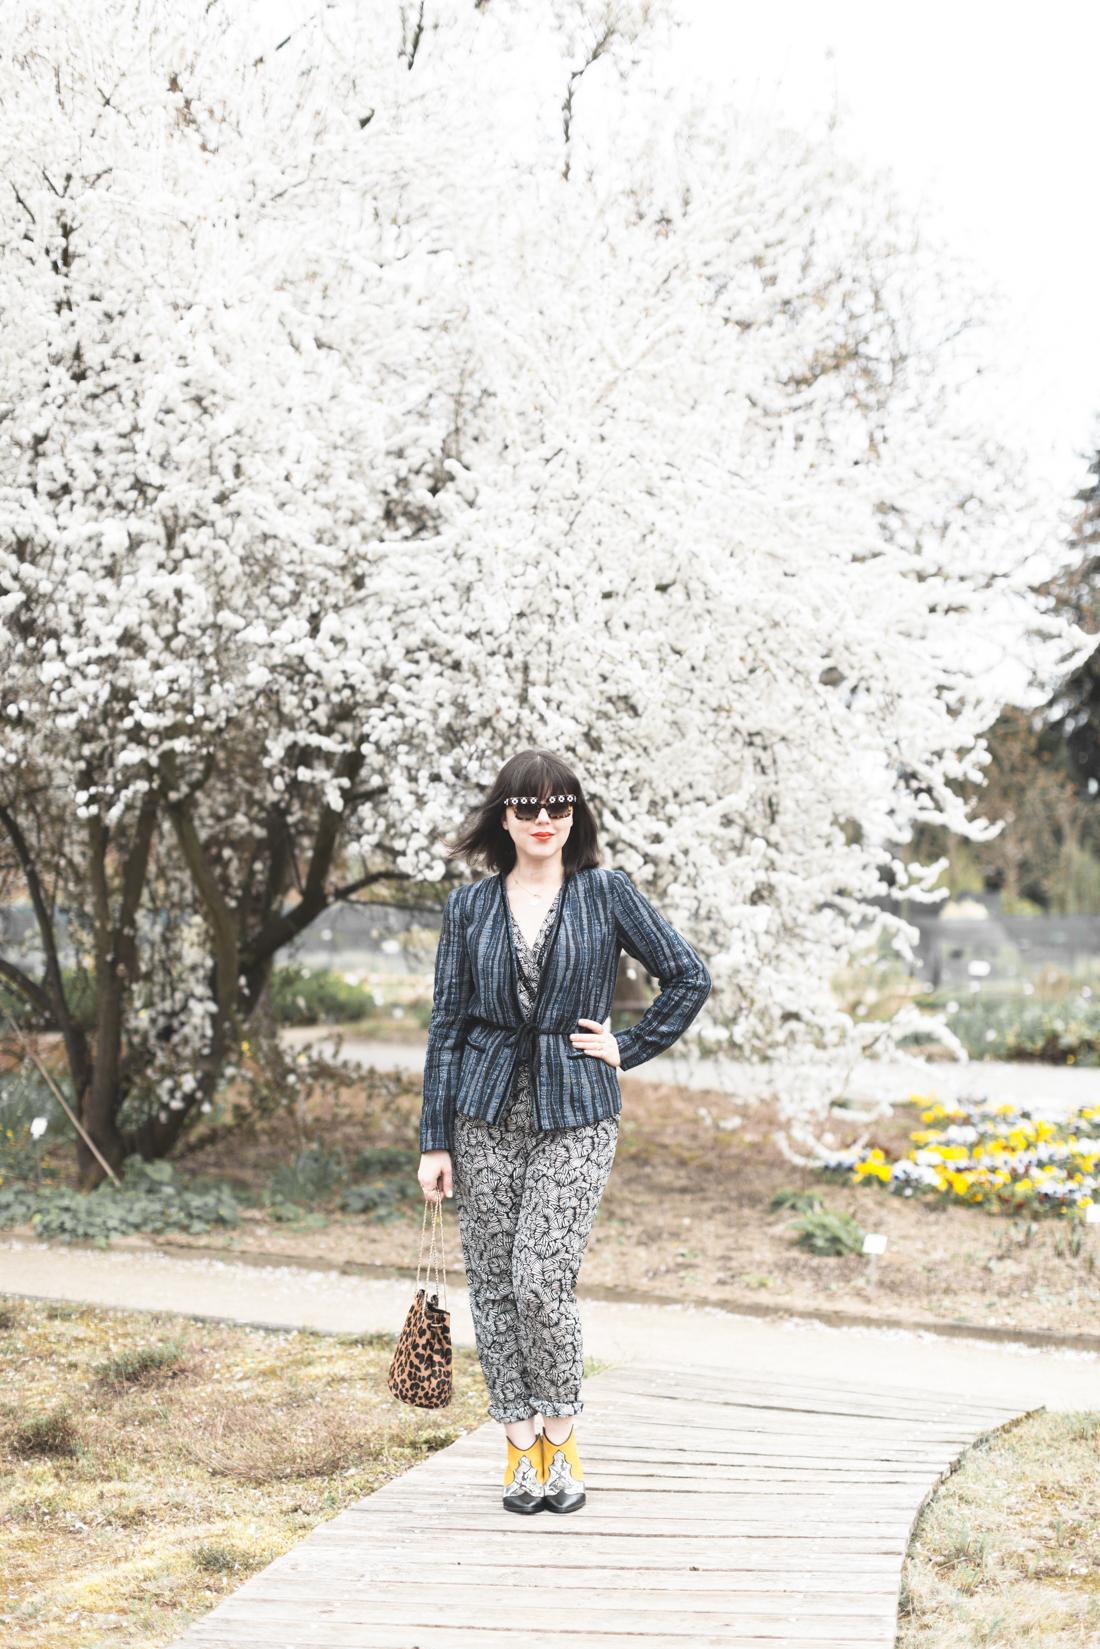 ikks PE17 combipantalon combinaison veste boots bourse hope sezane copyright Pauline Privez paulinefashionblog com 7 Botanischer Garten